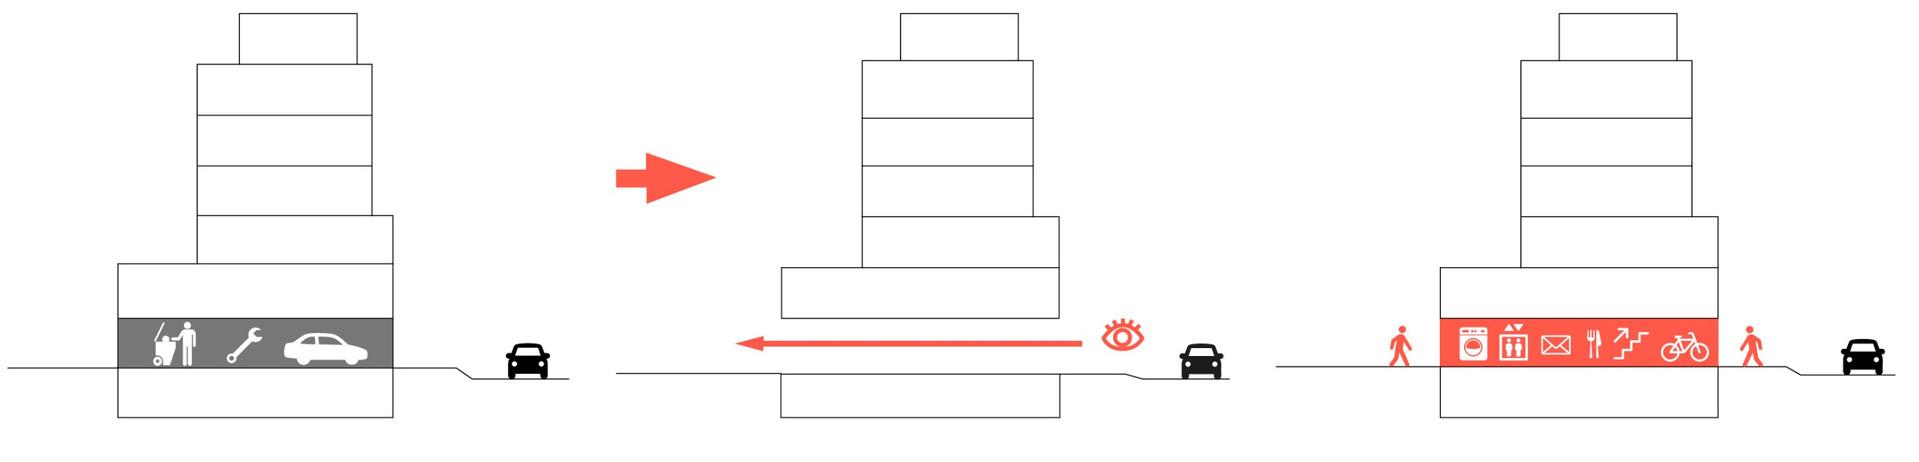 Princnipe d'animation en rez-de-chaussée